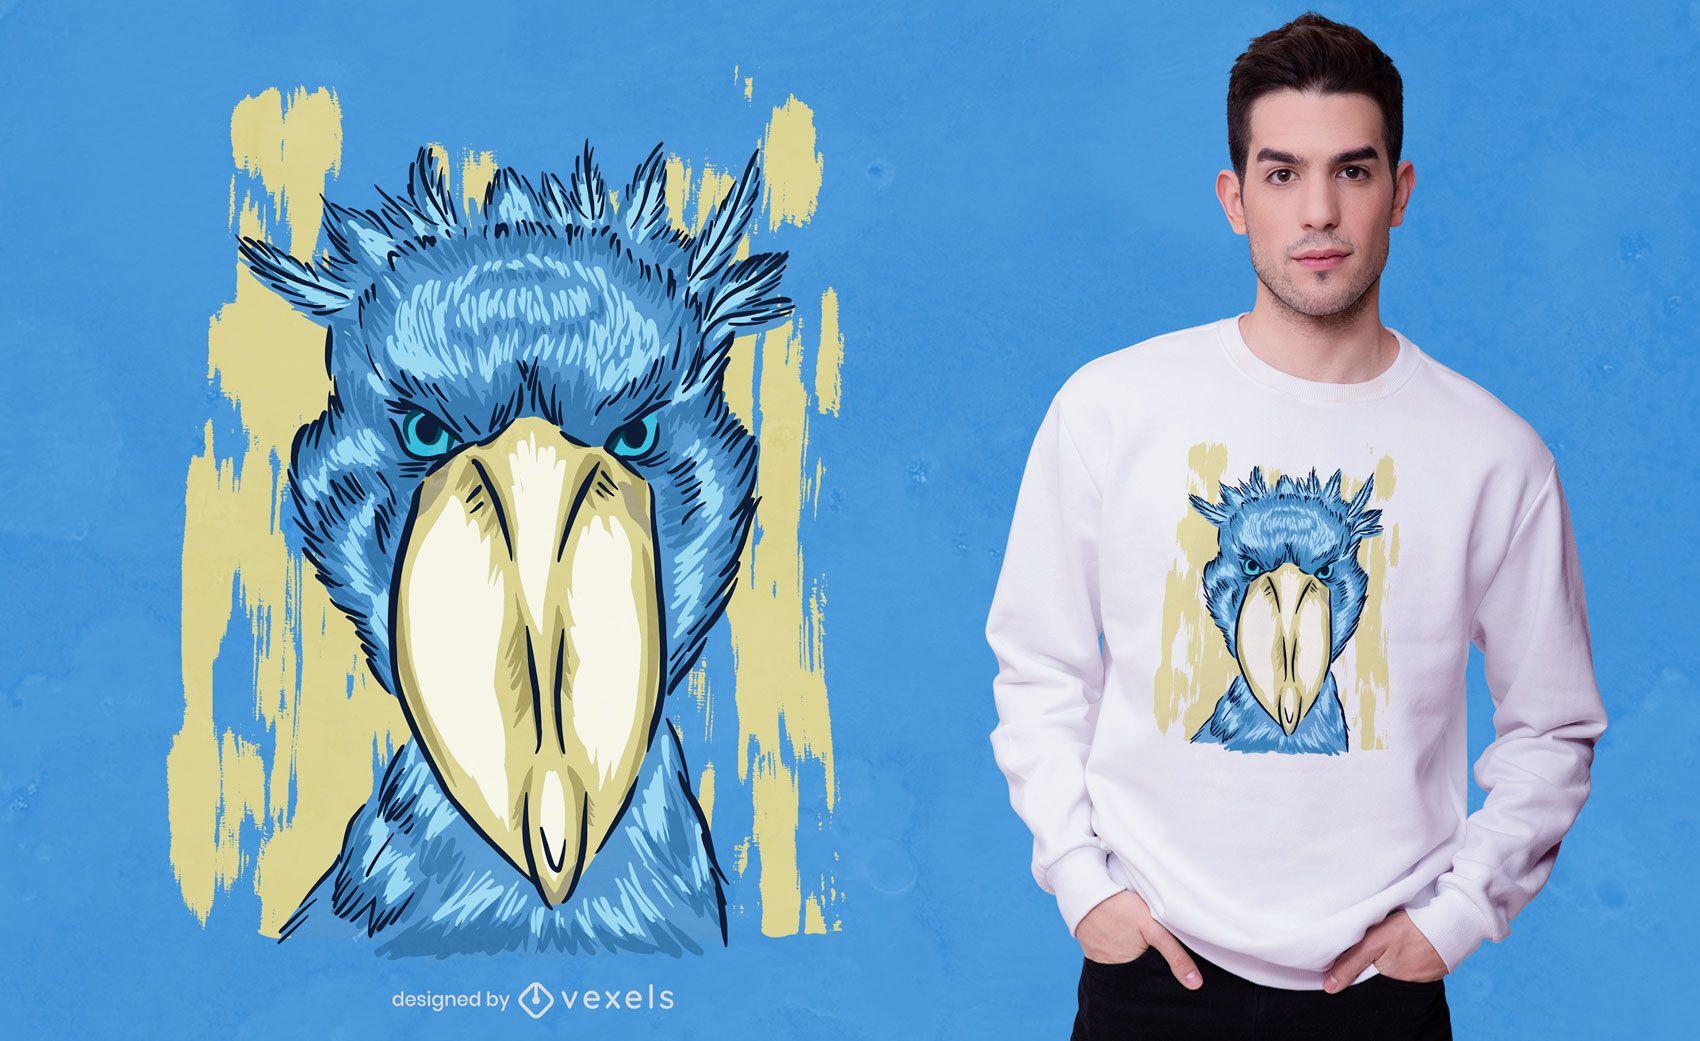 Shoe-billed stork t-shirt design